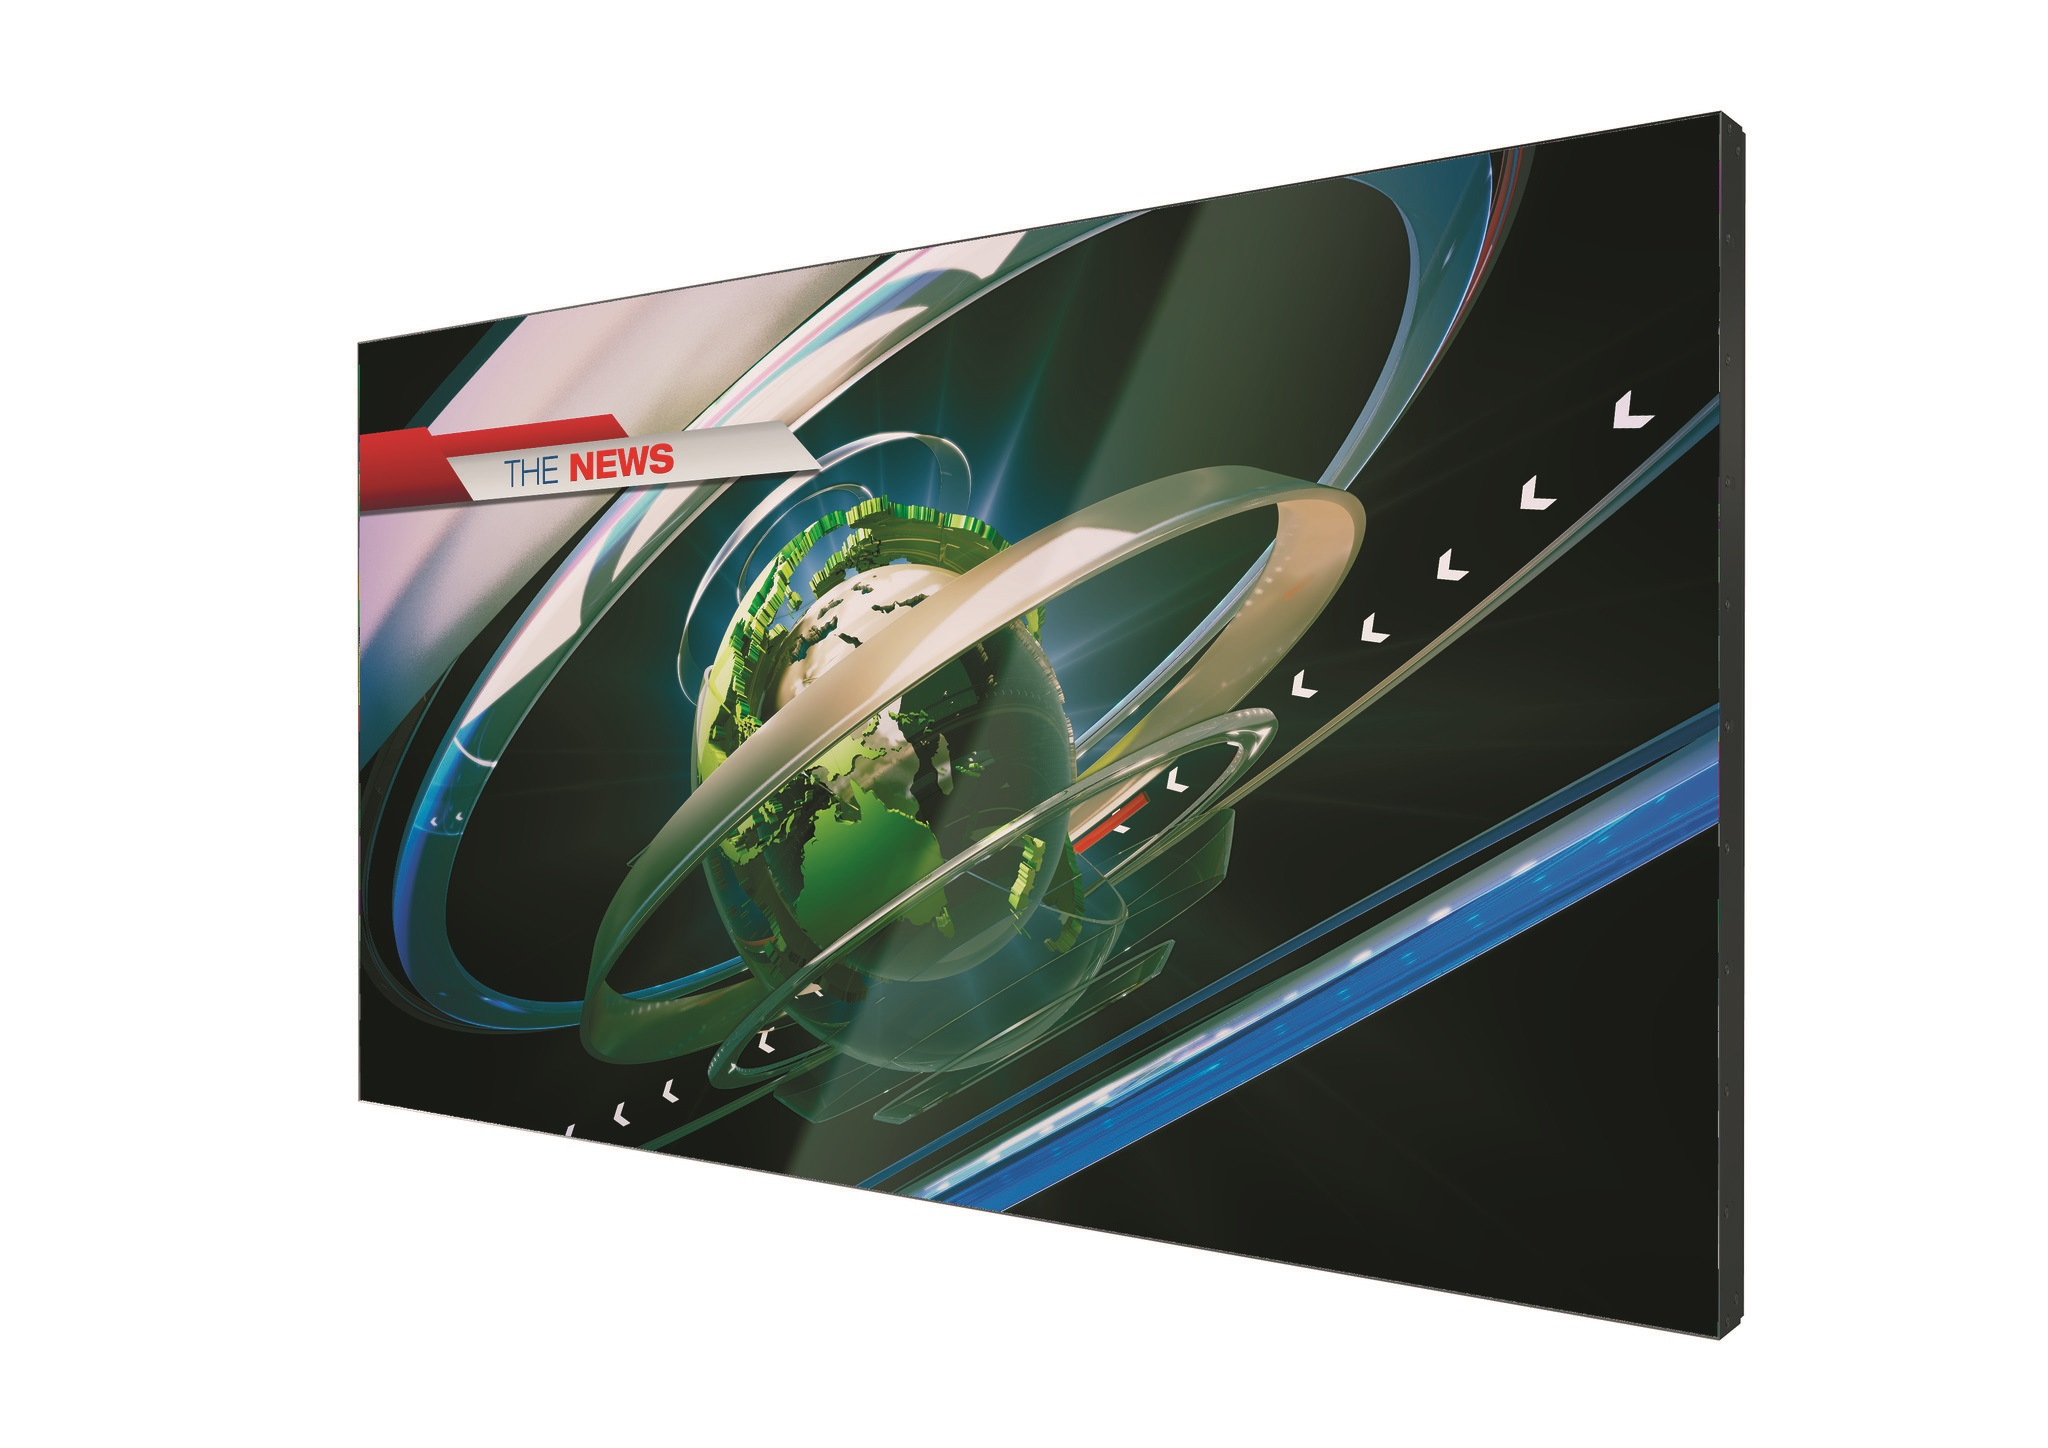 Seria Christie Extreme completează familia Christie Aspect a ecranelor LCD video wall